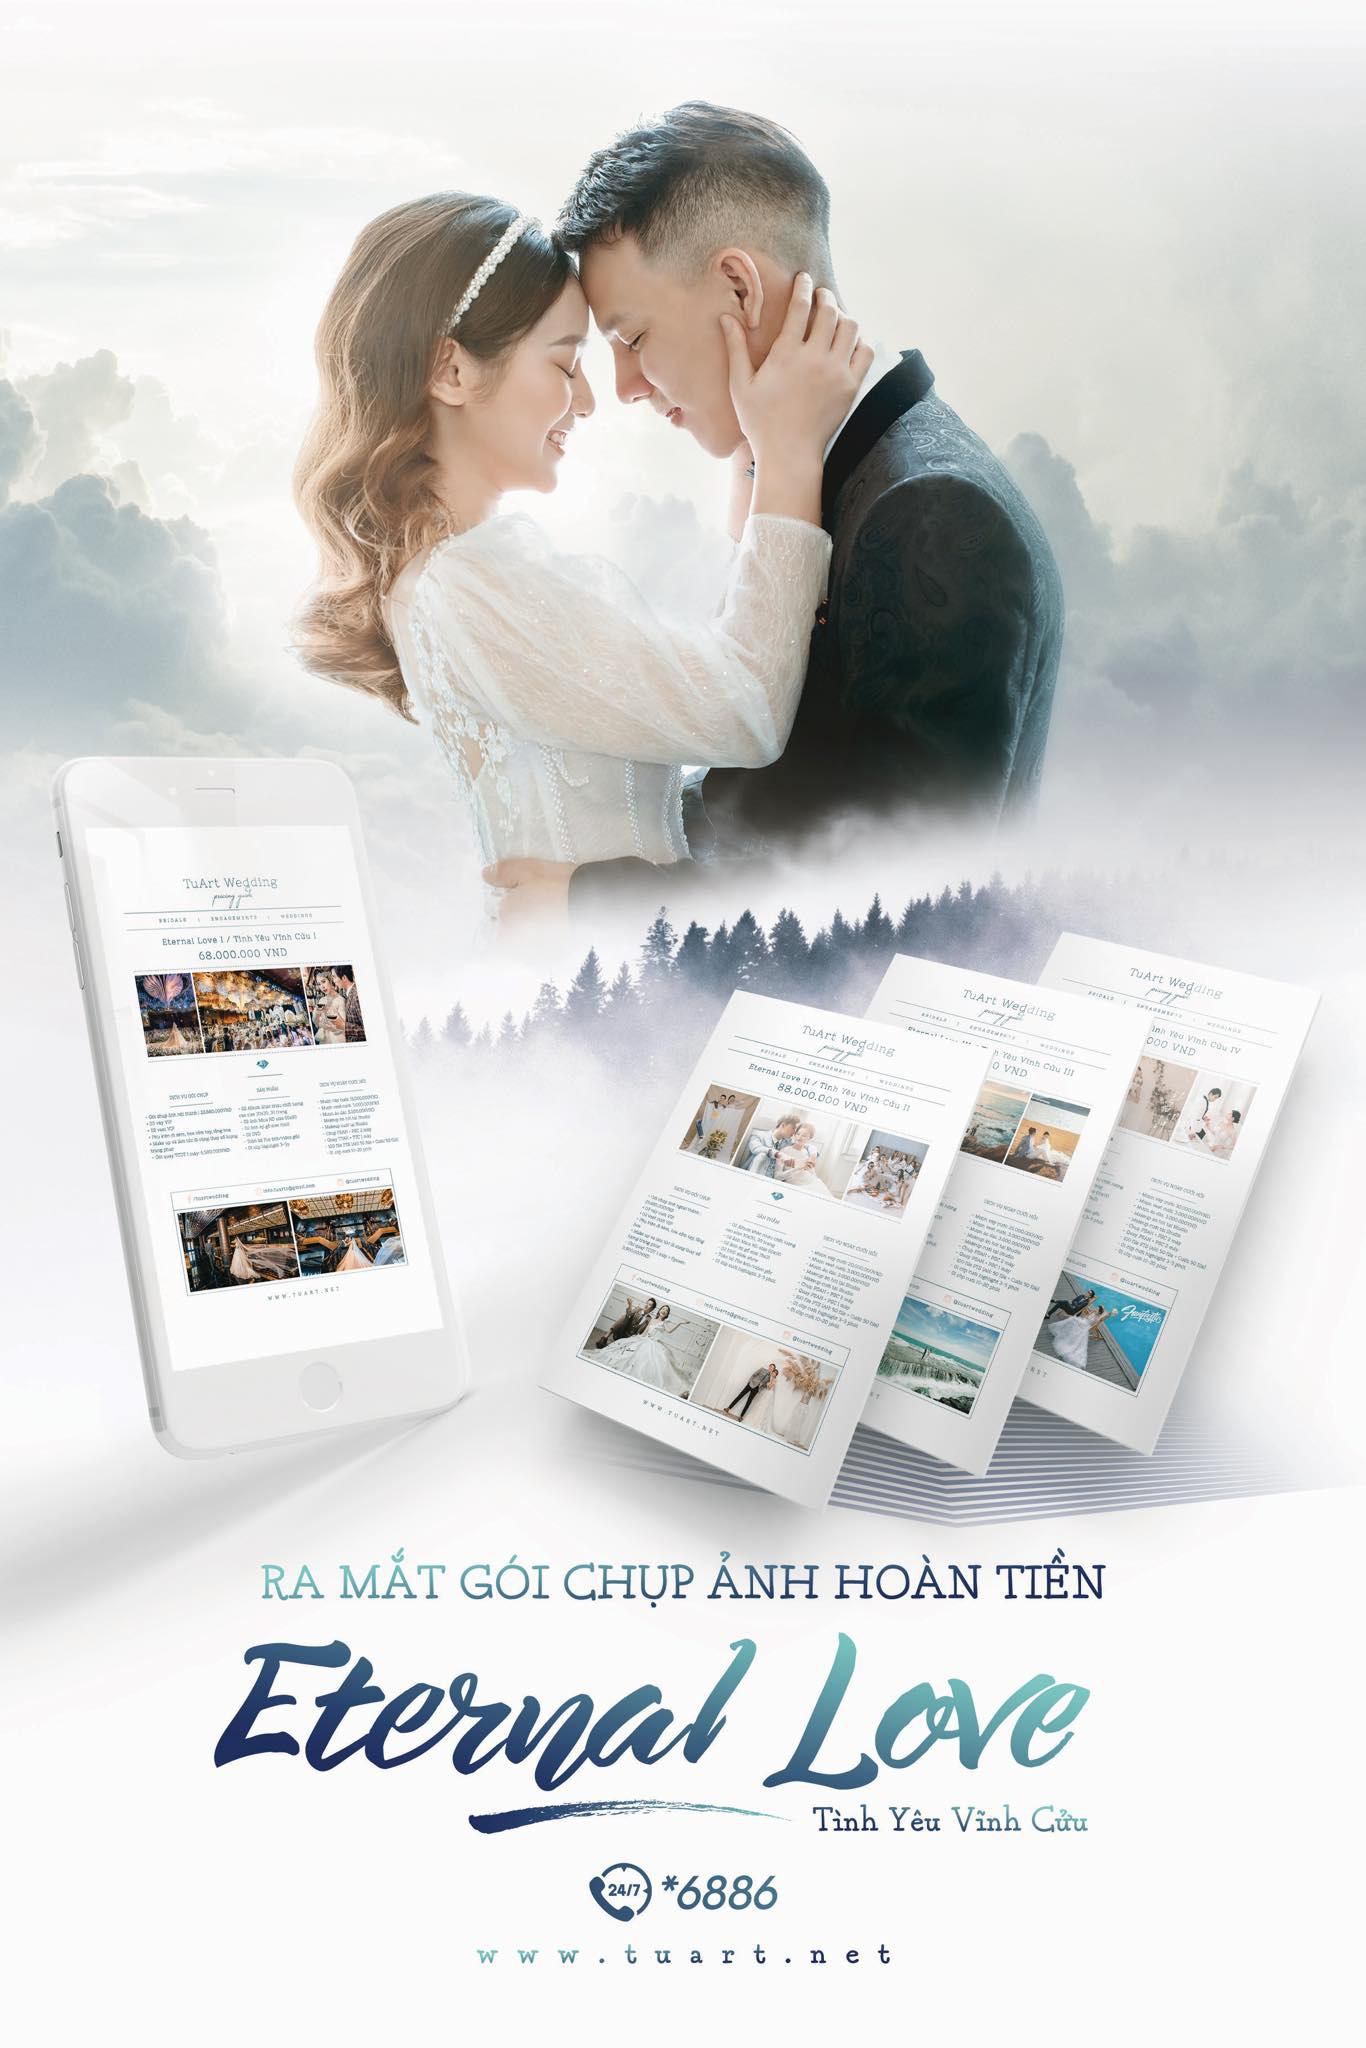 Shock: Dịch vụ chụp ảnh cưới tại Việt Nam hoàn tiền 100% gói chụp với trị giá lên tới 118 triệu đồng - Ảnh 3.